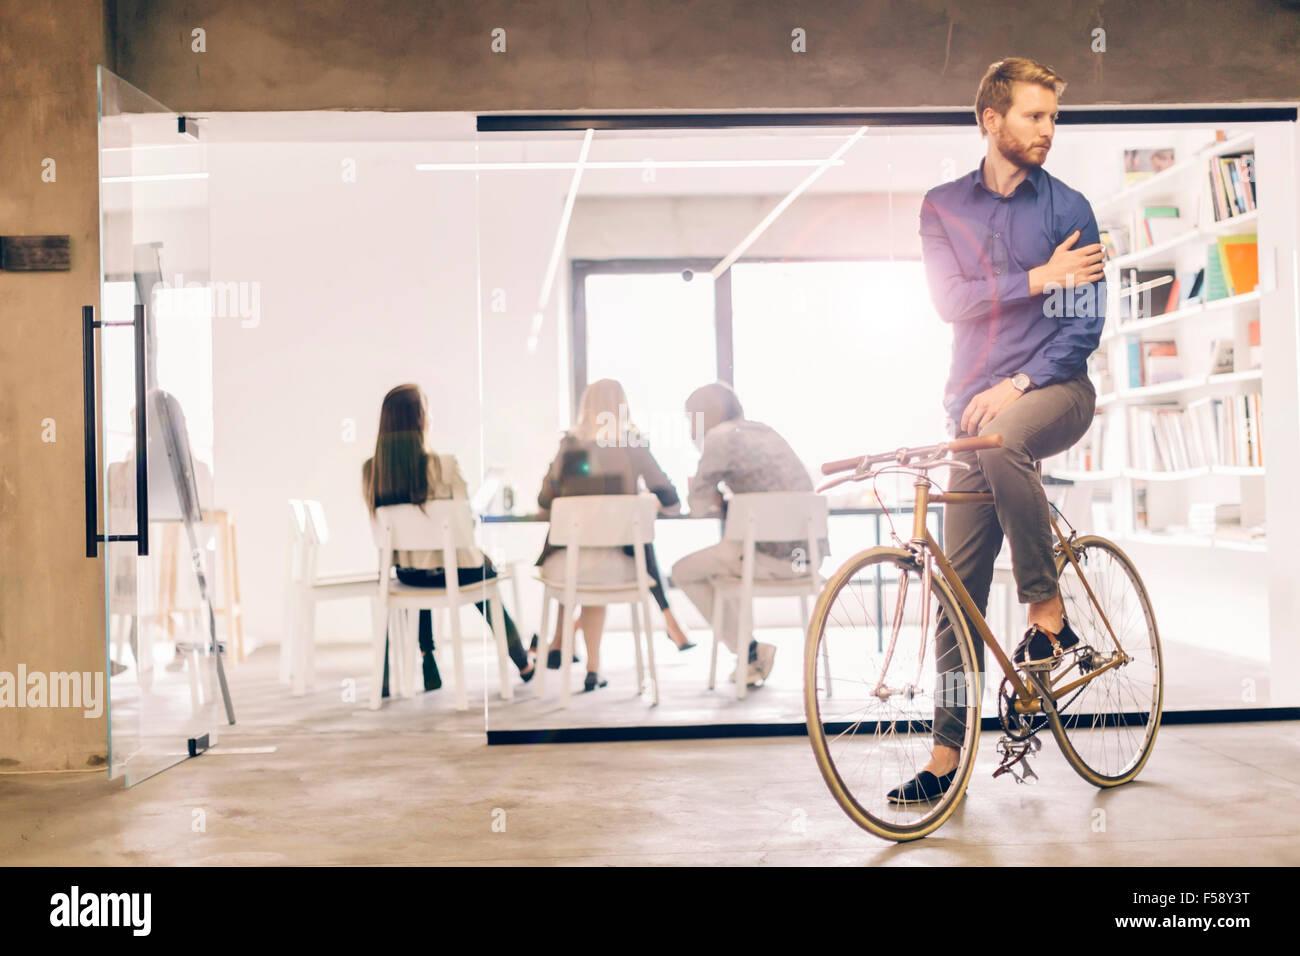 Empresario a trabajar en bicicleta Imagen De Stock